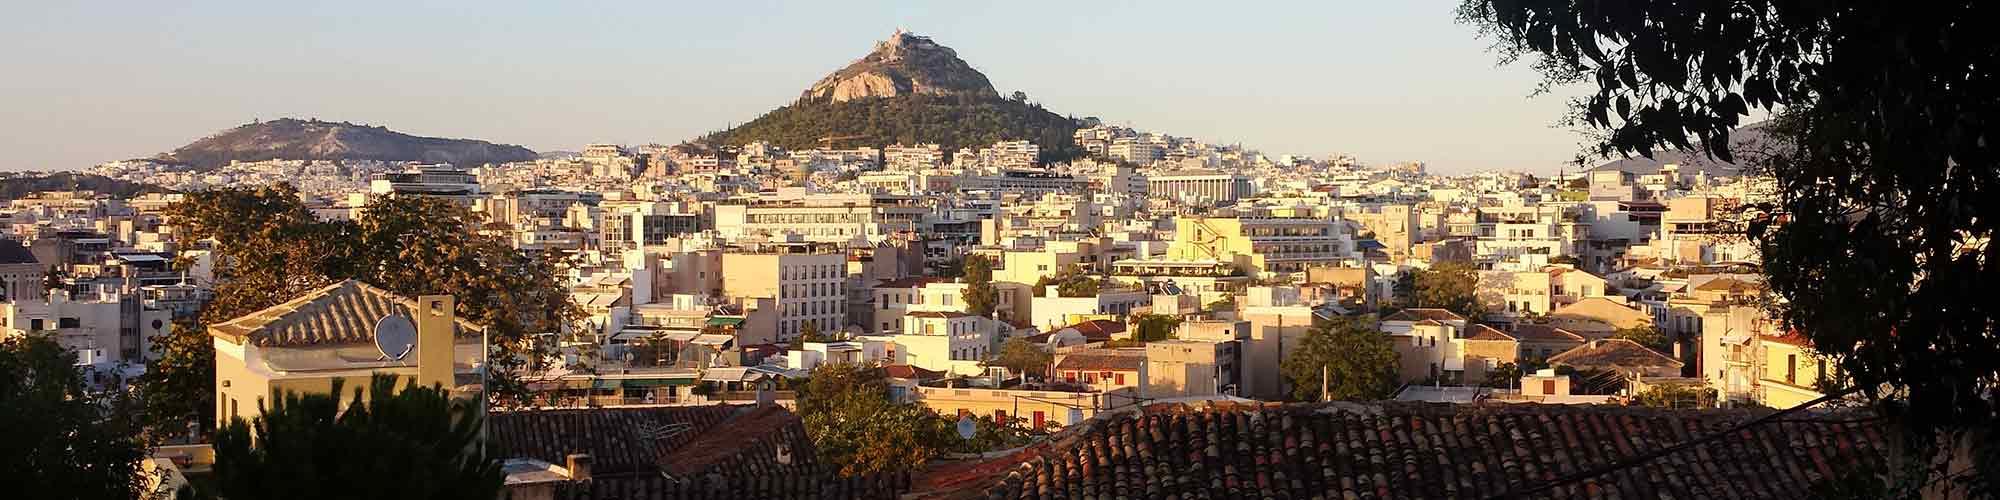 Civilizaciones Mediterráneas